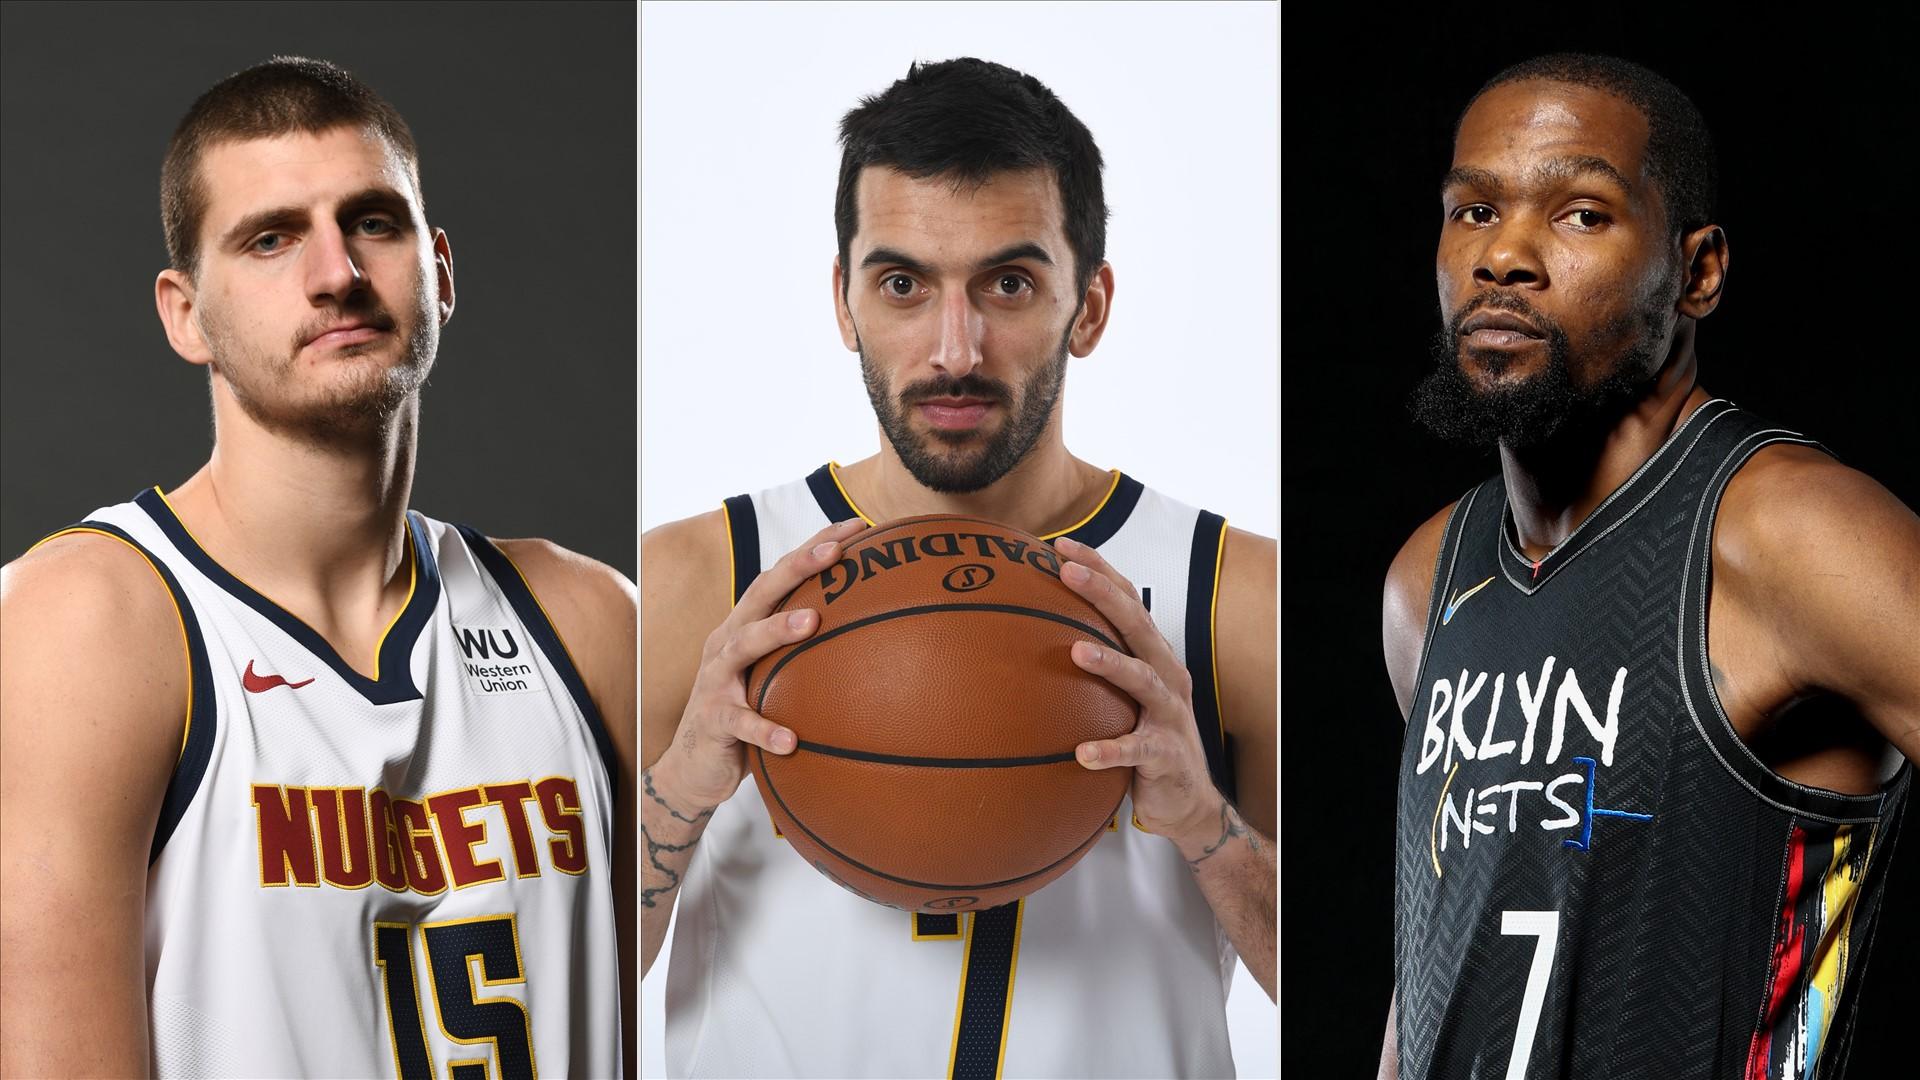 Brooklyn Nets vs. Denver Nuggets: tres cosas a seguir de un partido clave para la mejora del equipo de Facundo Campazzo   NBA.com Argentina   El sitio oficial de la NBA